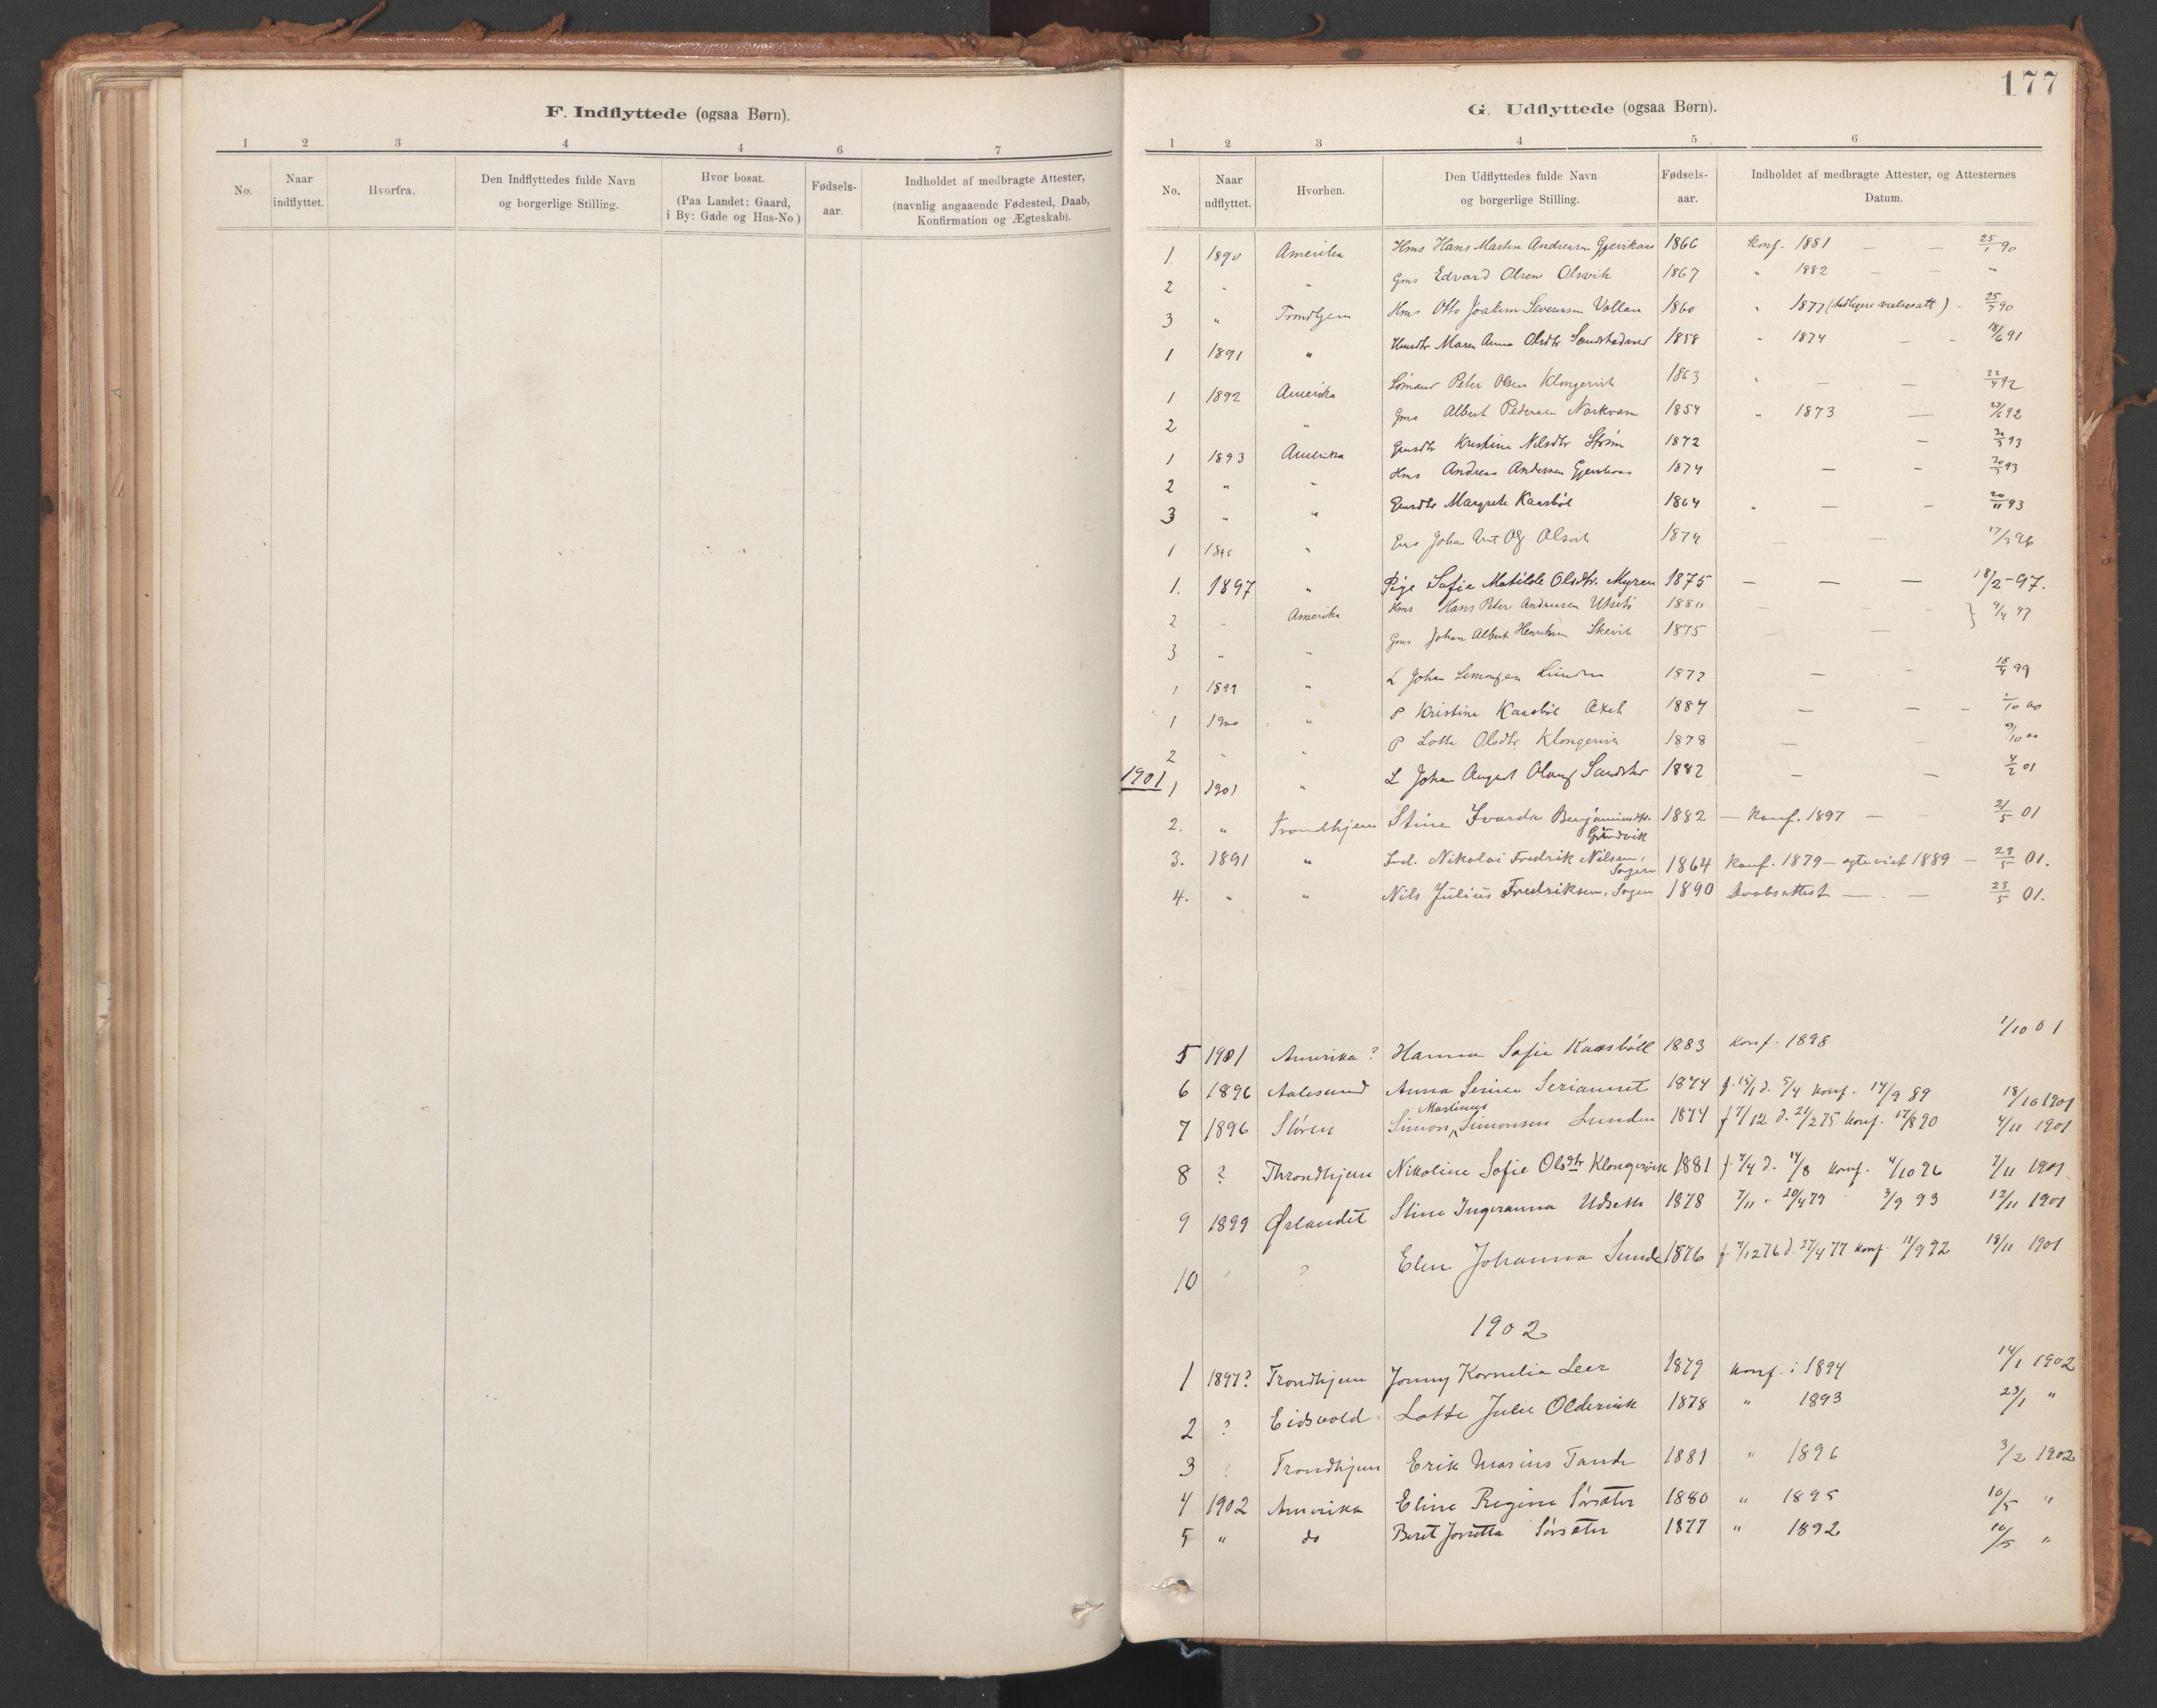 SAT, Ministerialprotokoller, klokkerbøker og fødselsregistre - Sør-Trøndelag, 639/L0572: Ministerialbok nr. 639A01, 1890-1920, s. 177